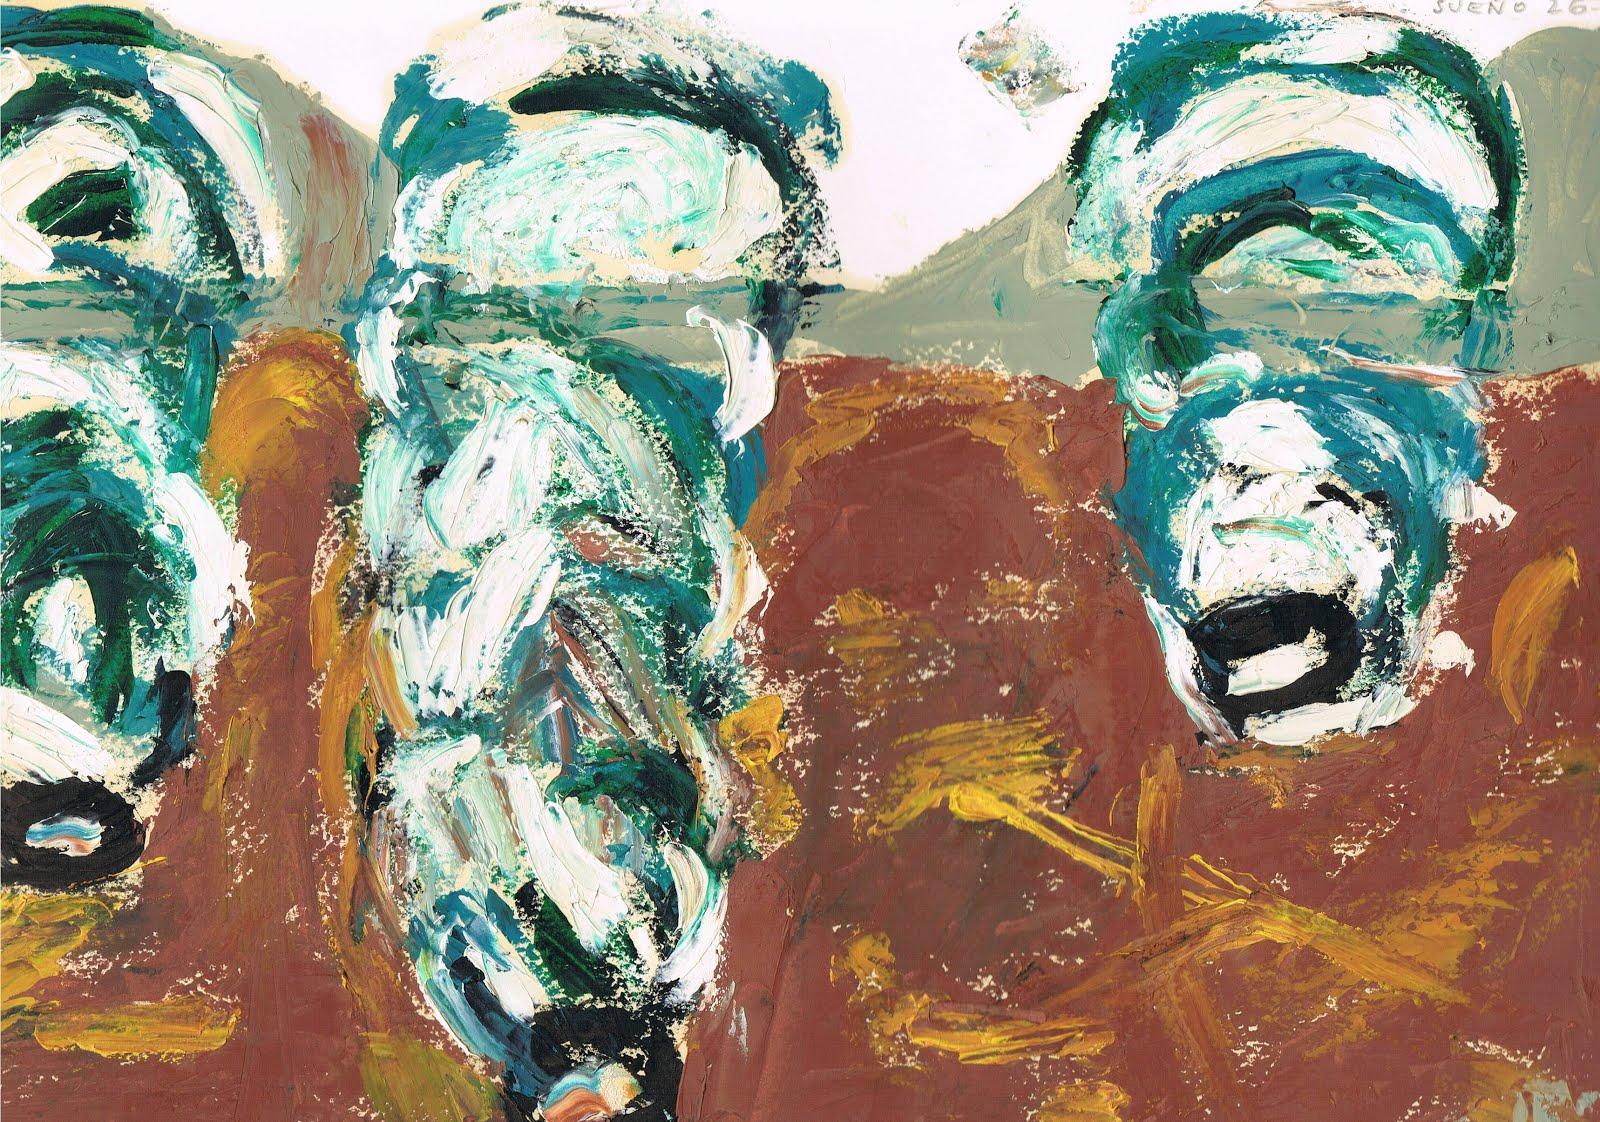 Pinturas IV